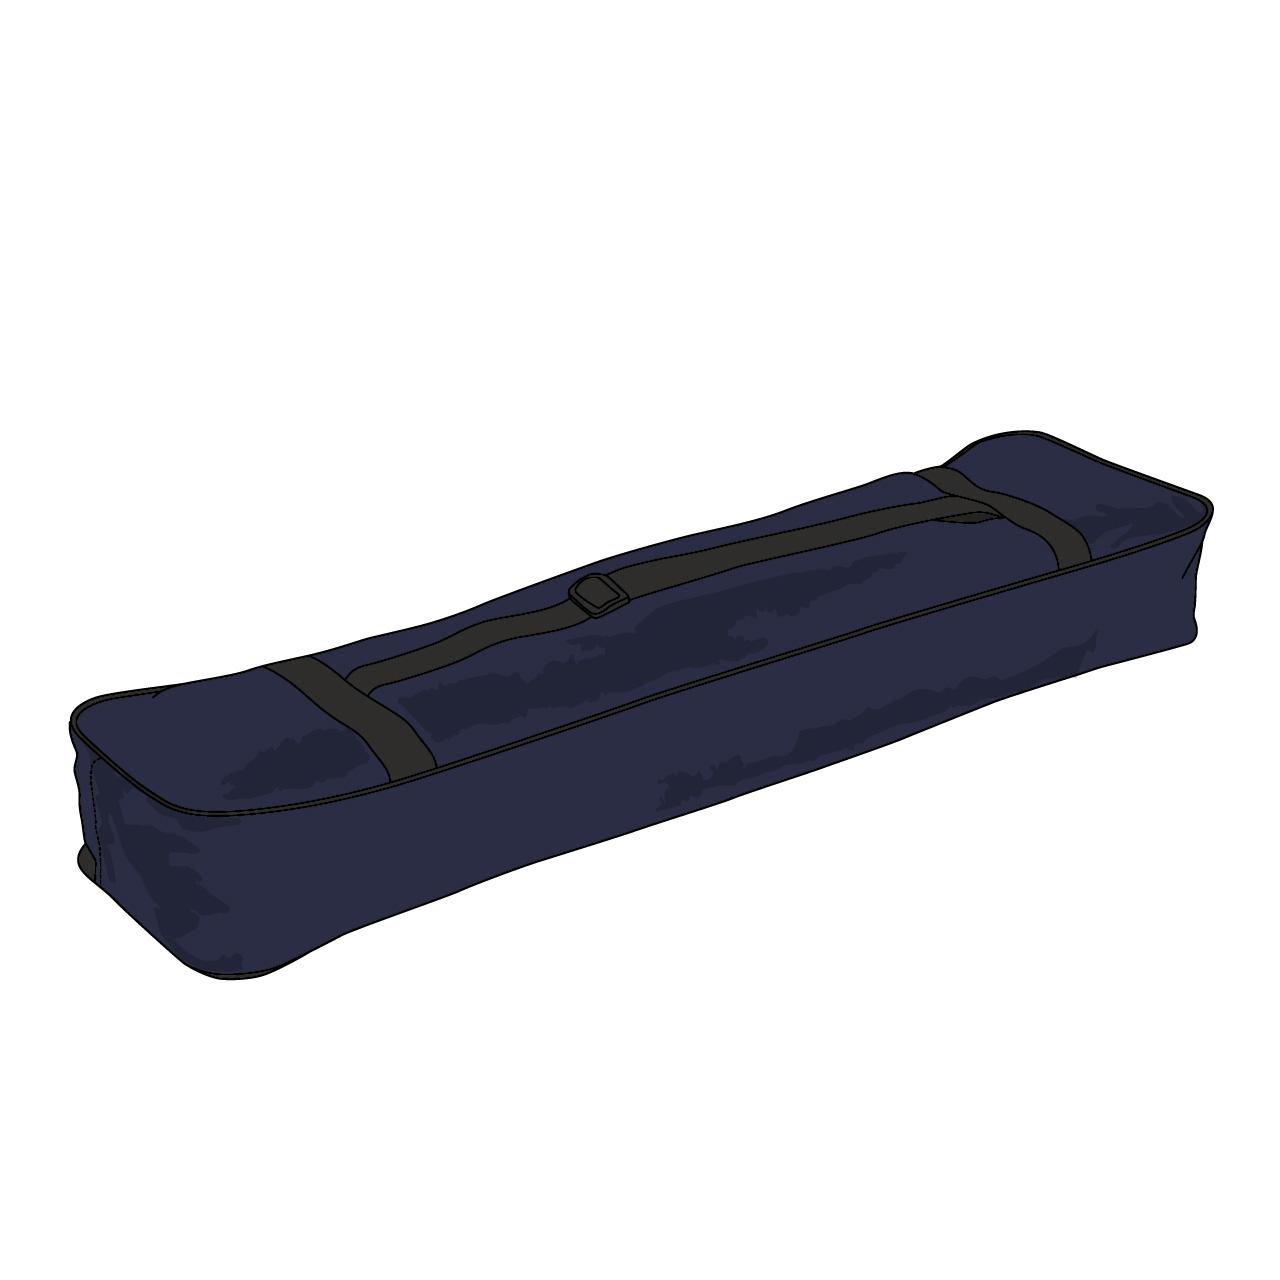 """Waffentasche """"Kombi Up"""", 18cm tief, mit Kleiderfach"""